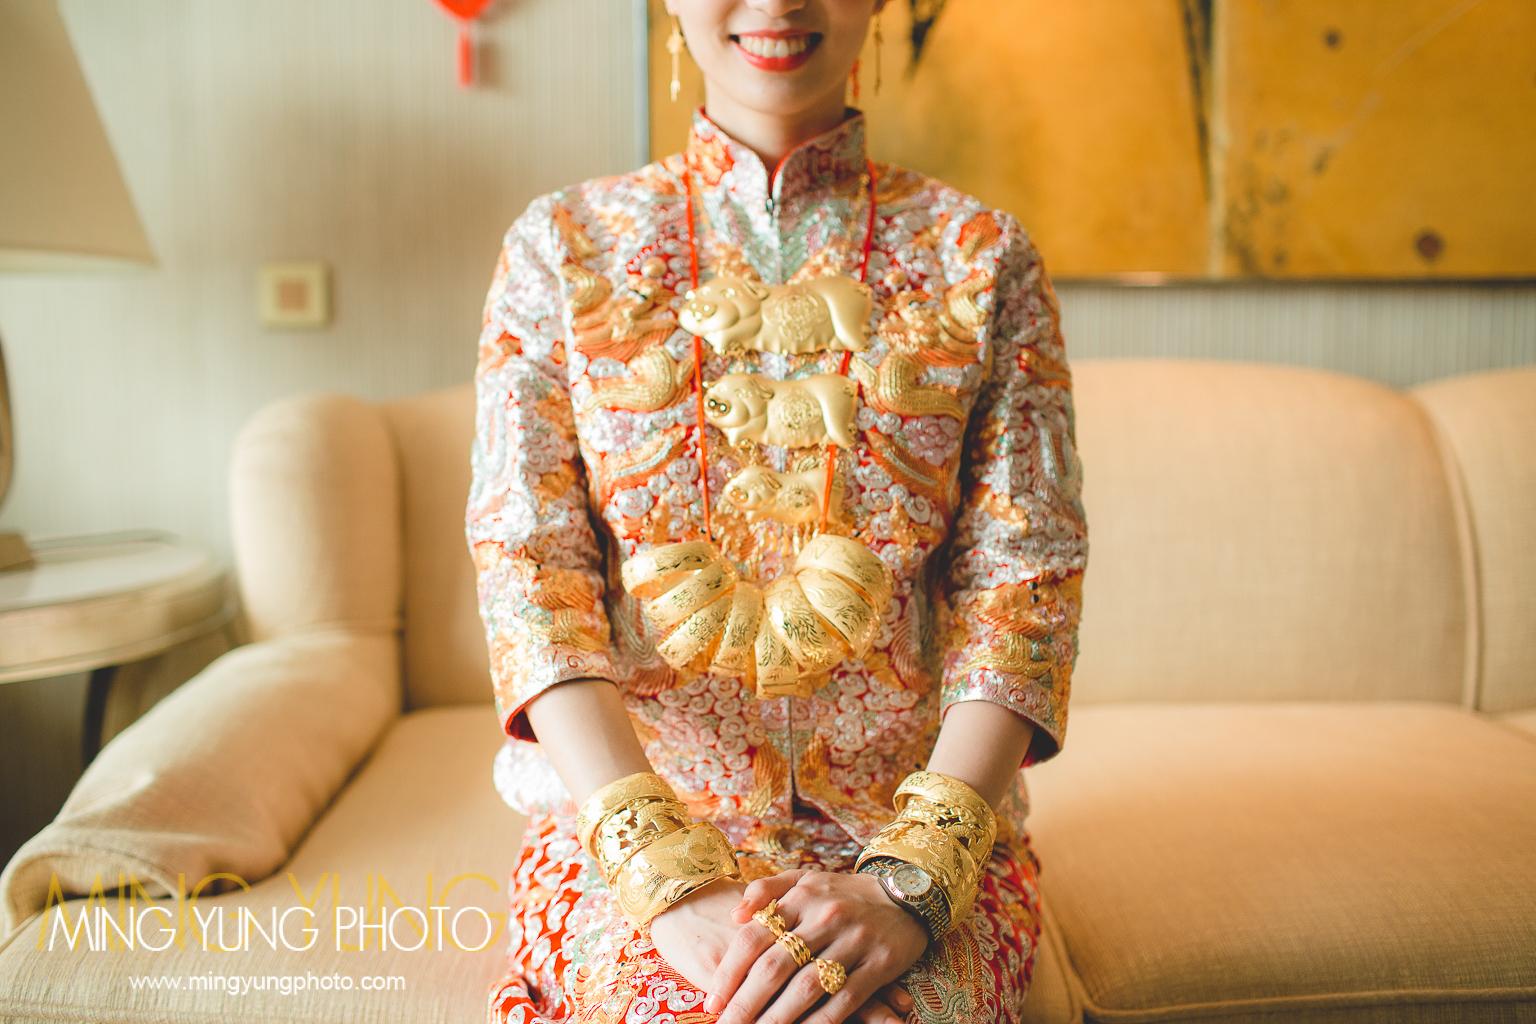 mingyungphoto-201605090018